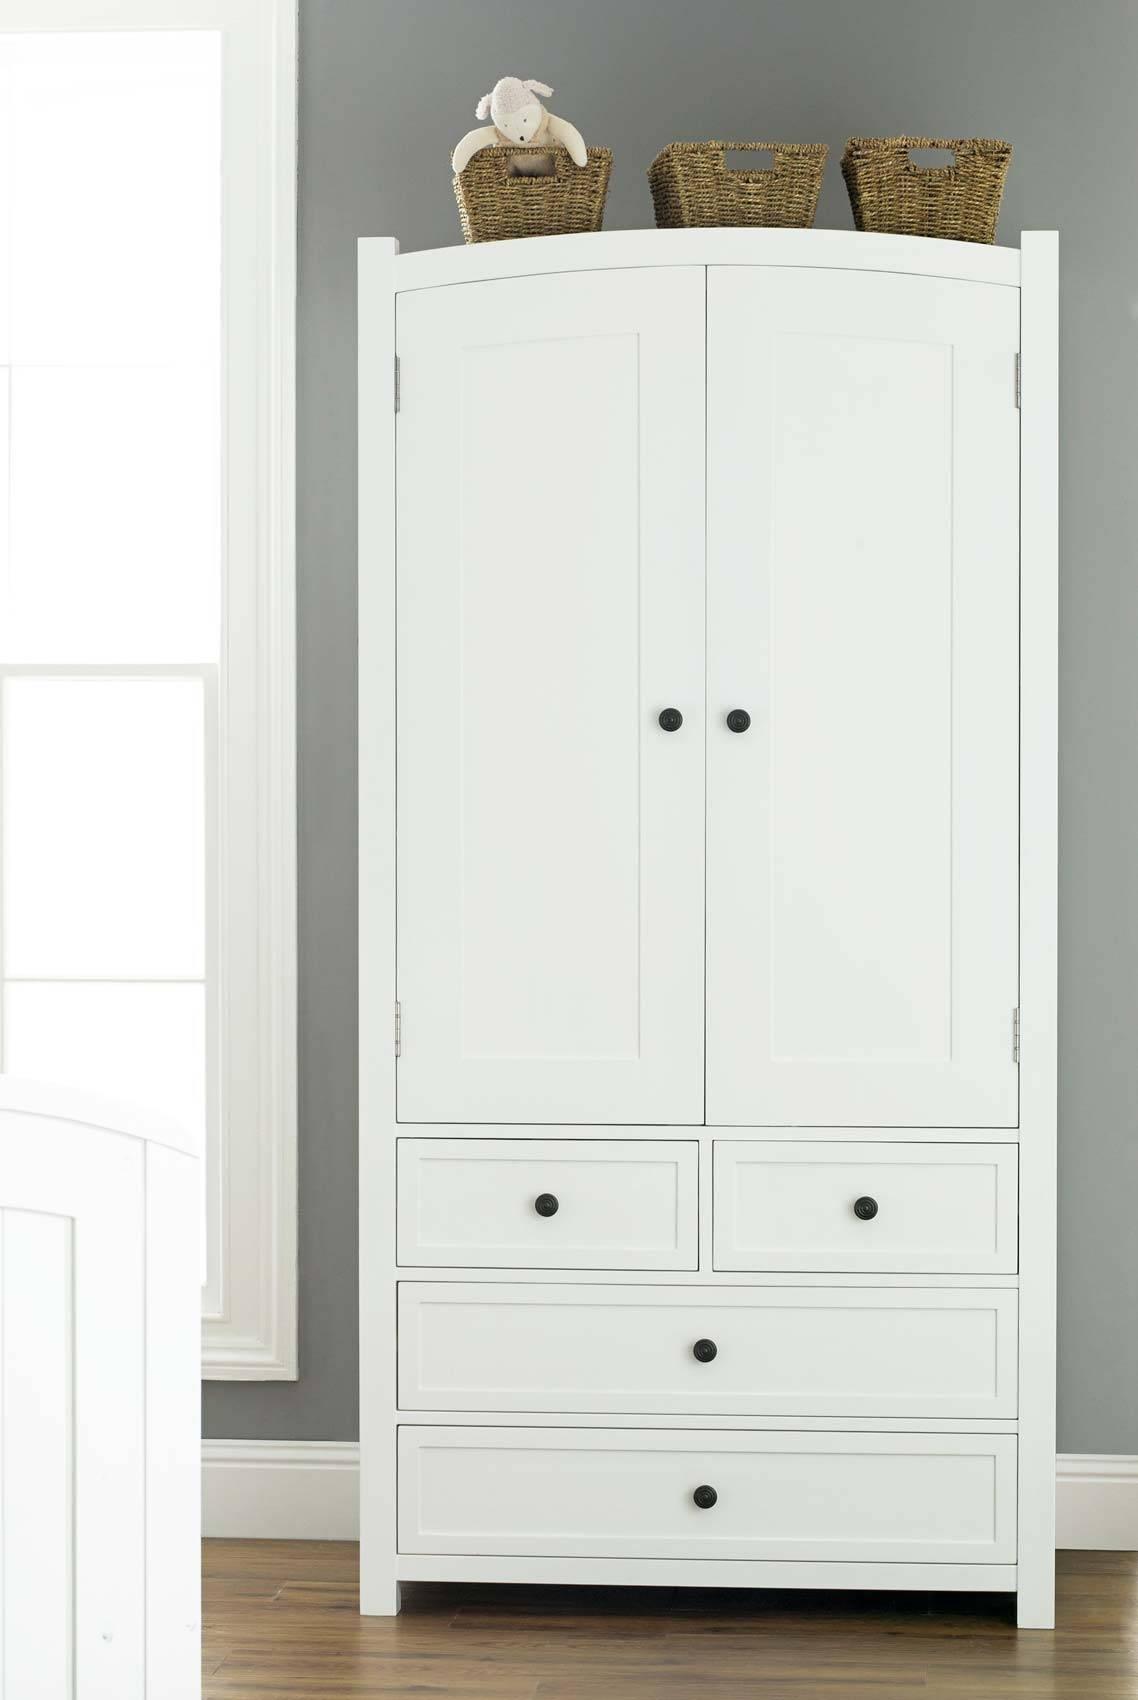 Wardrobe : 41 Striking White Storage Wardrobe Photos Concept Maria throughout Childrens Wardrobes White (Image 15 of 15)